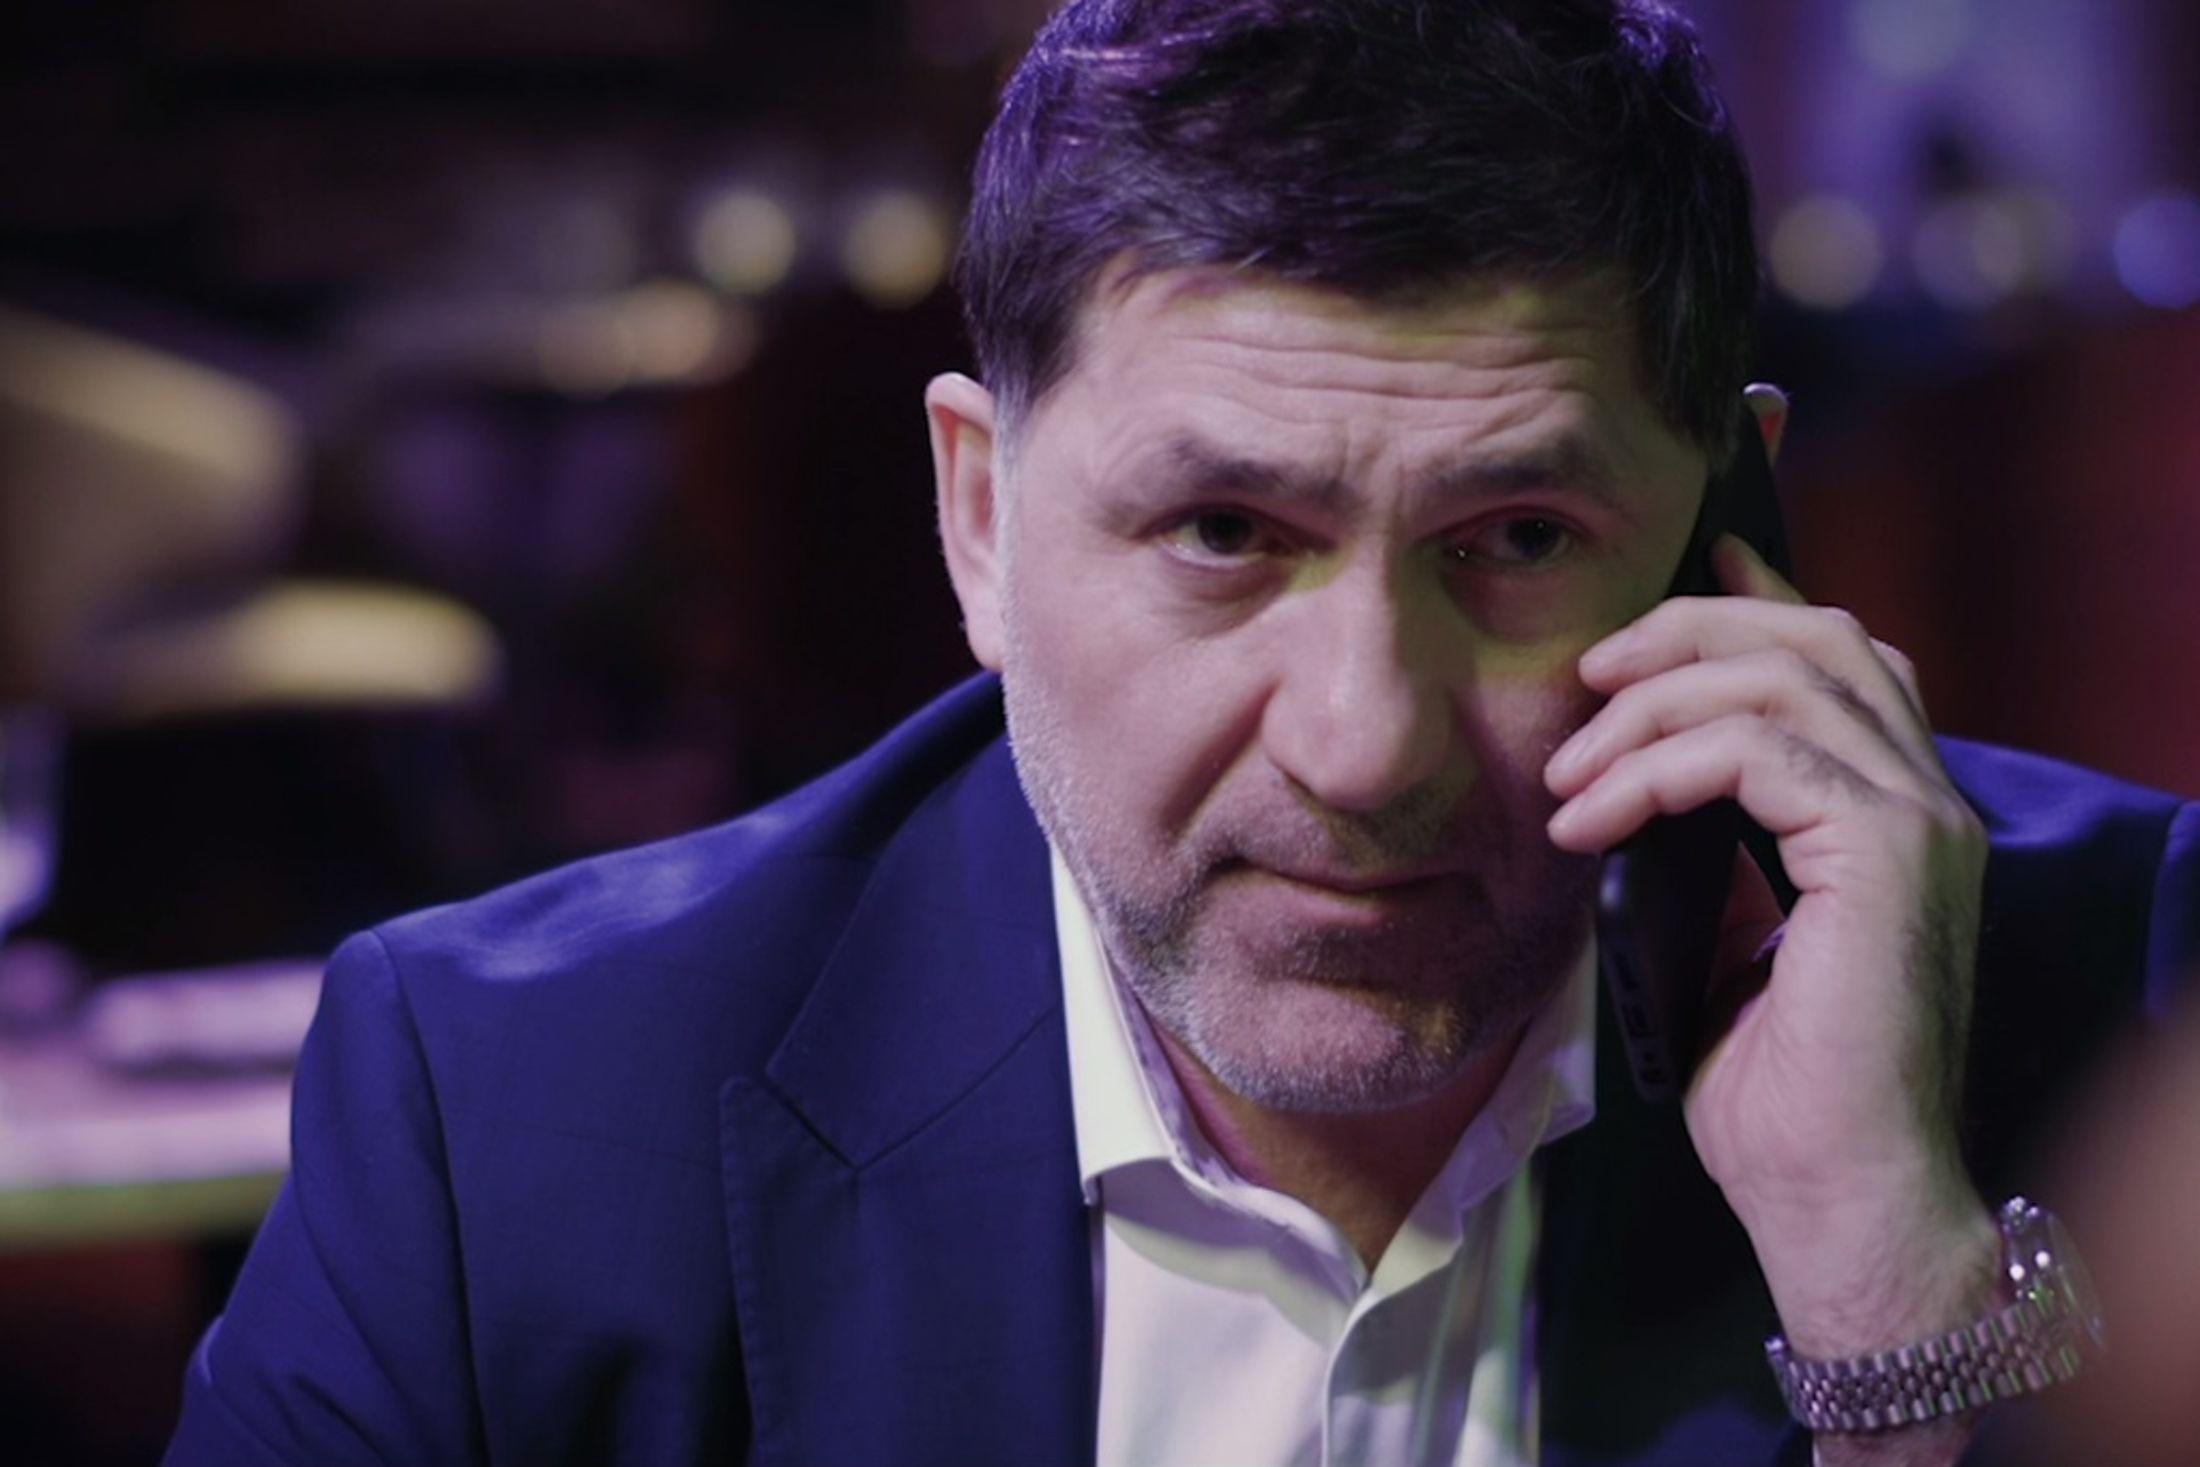 Порассказу Булычева «Можно попросить Нину?» сняли новую короткометражку 4